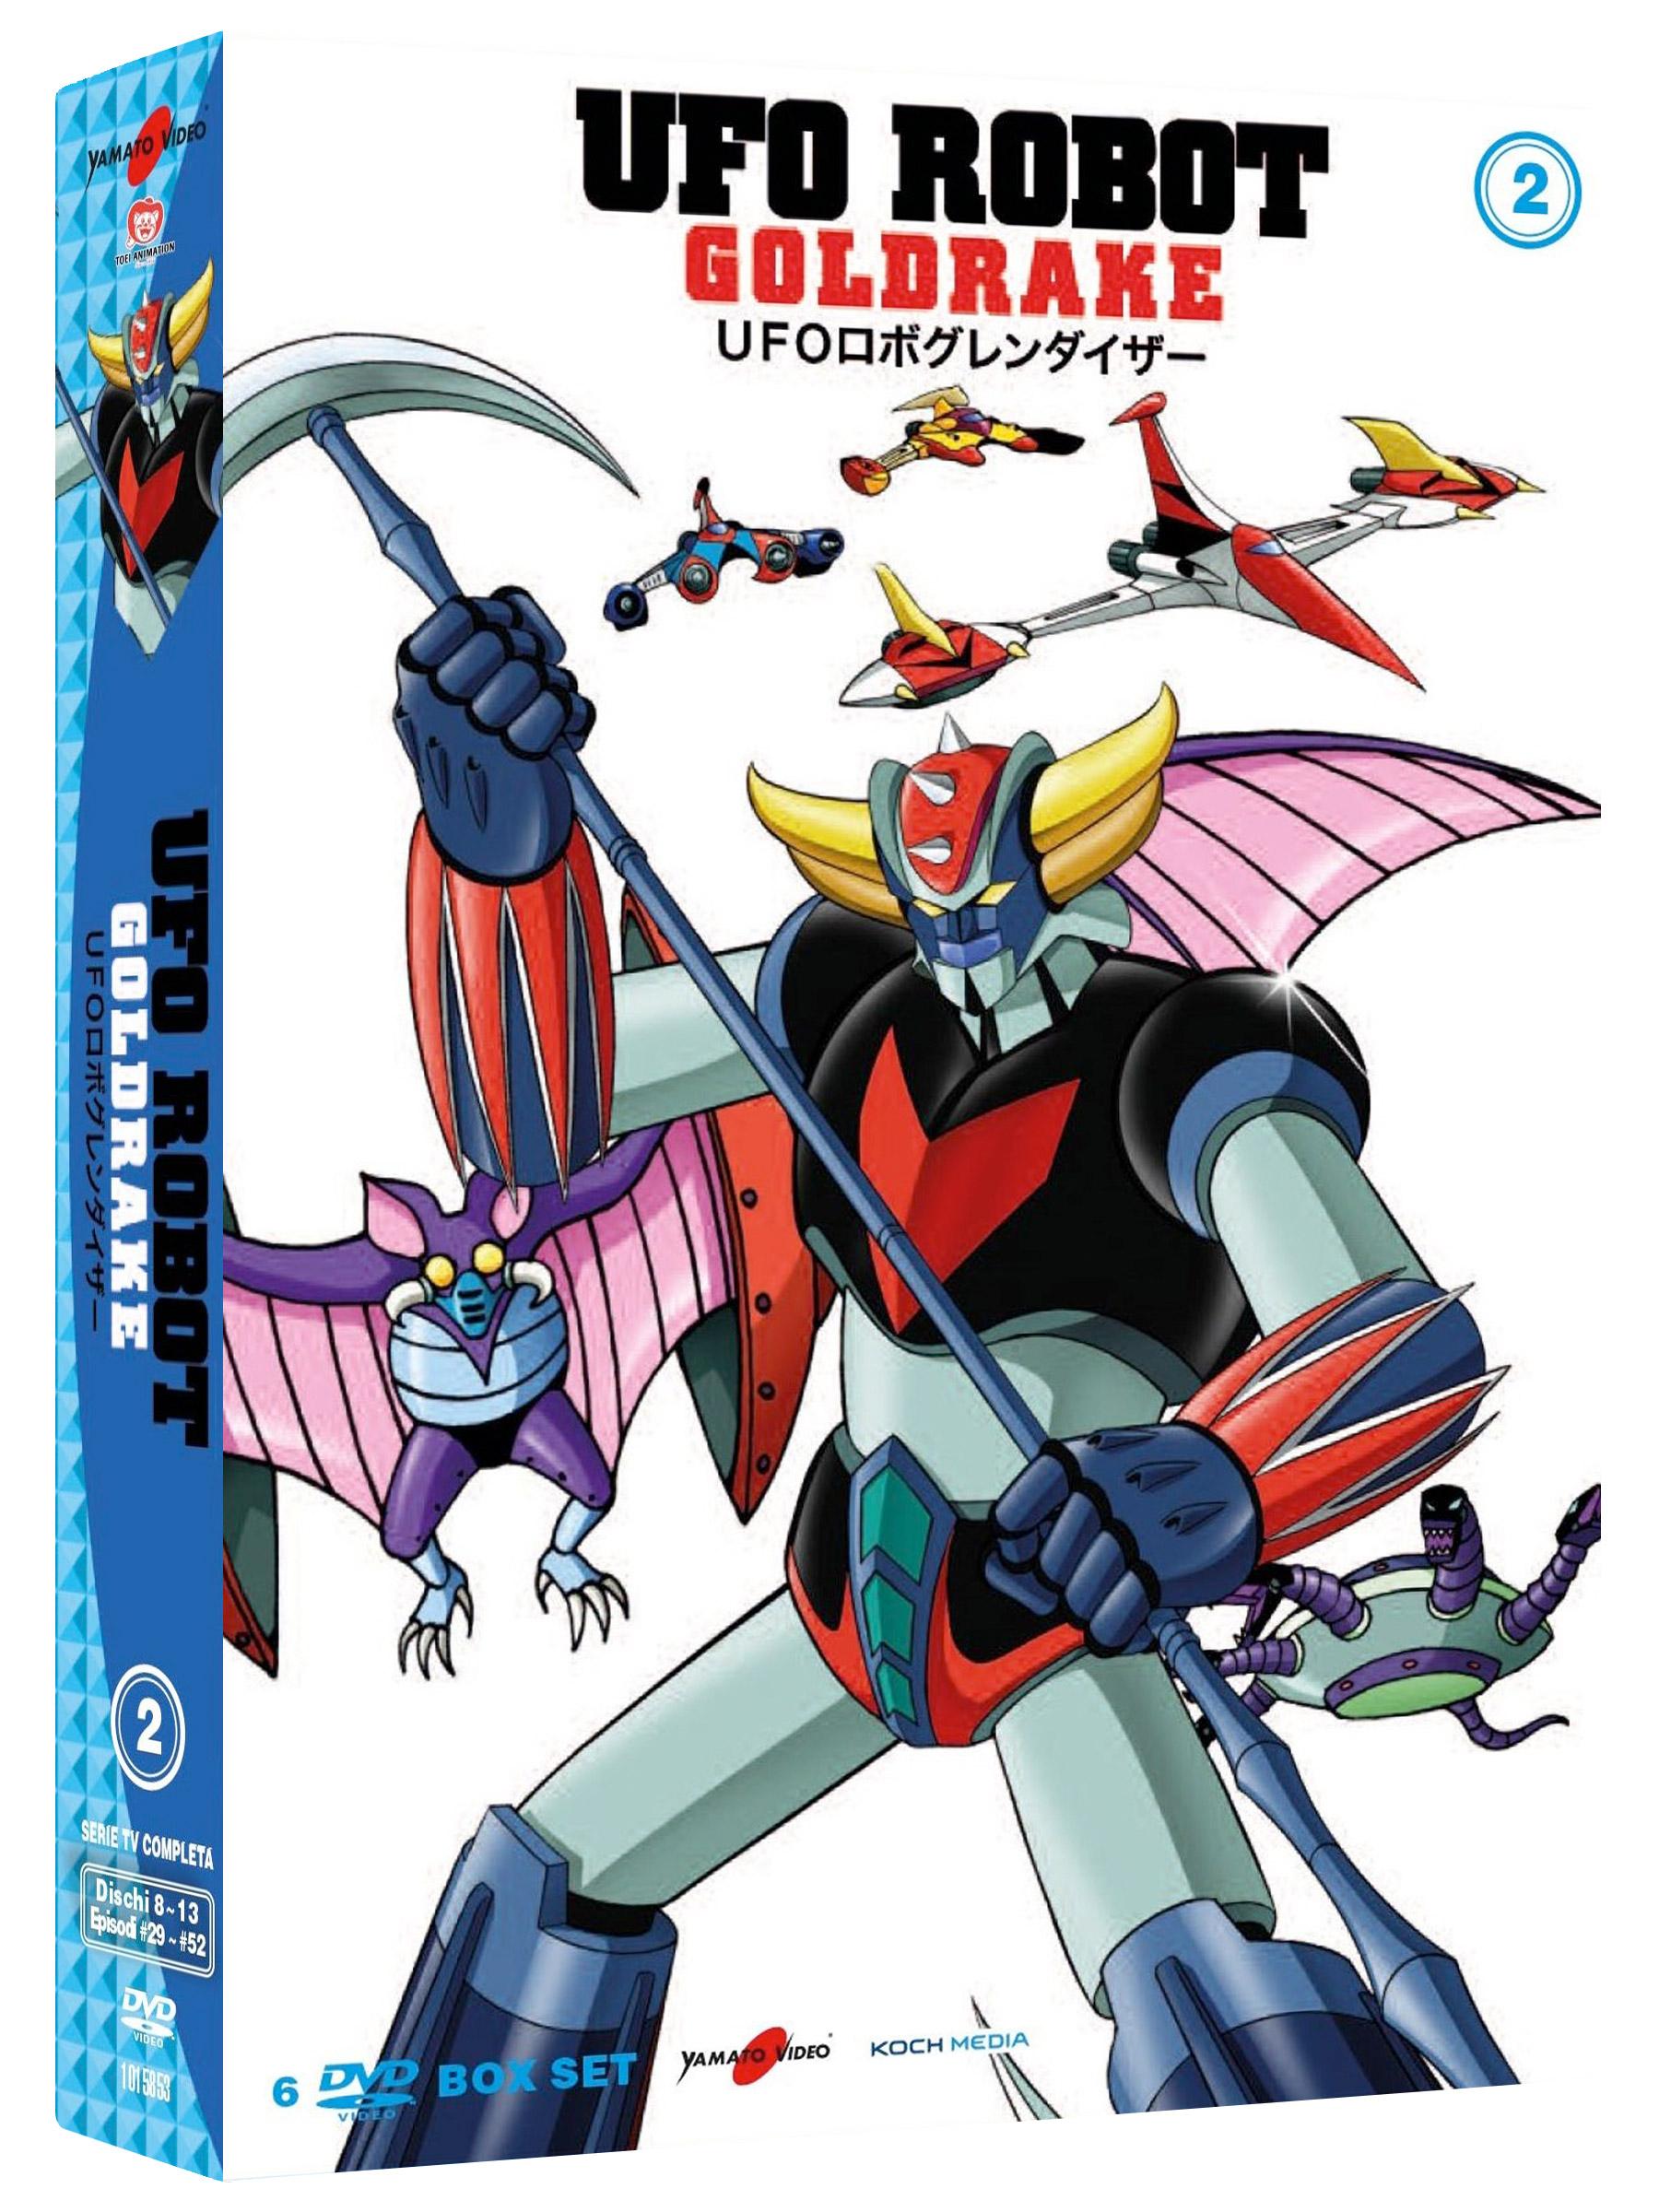 COF.UFO ROBOT GOLDRAKE #02 (6 DVD) (DVD)